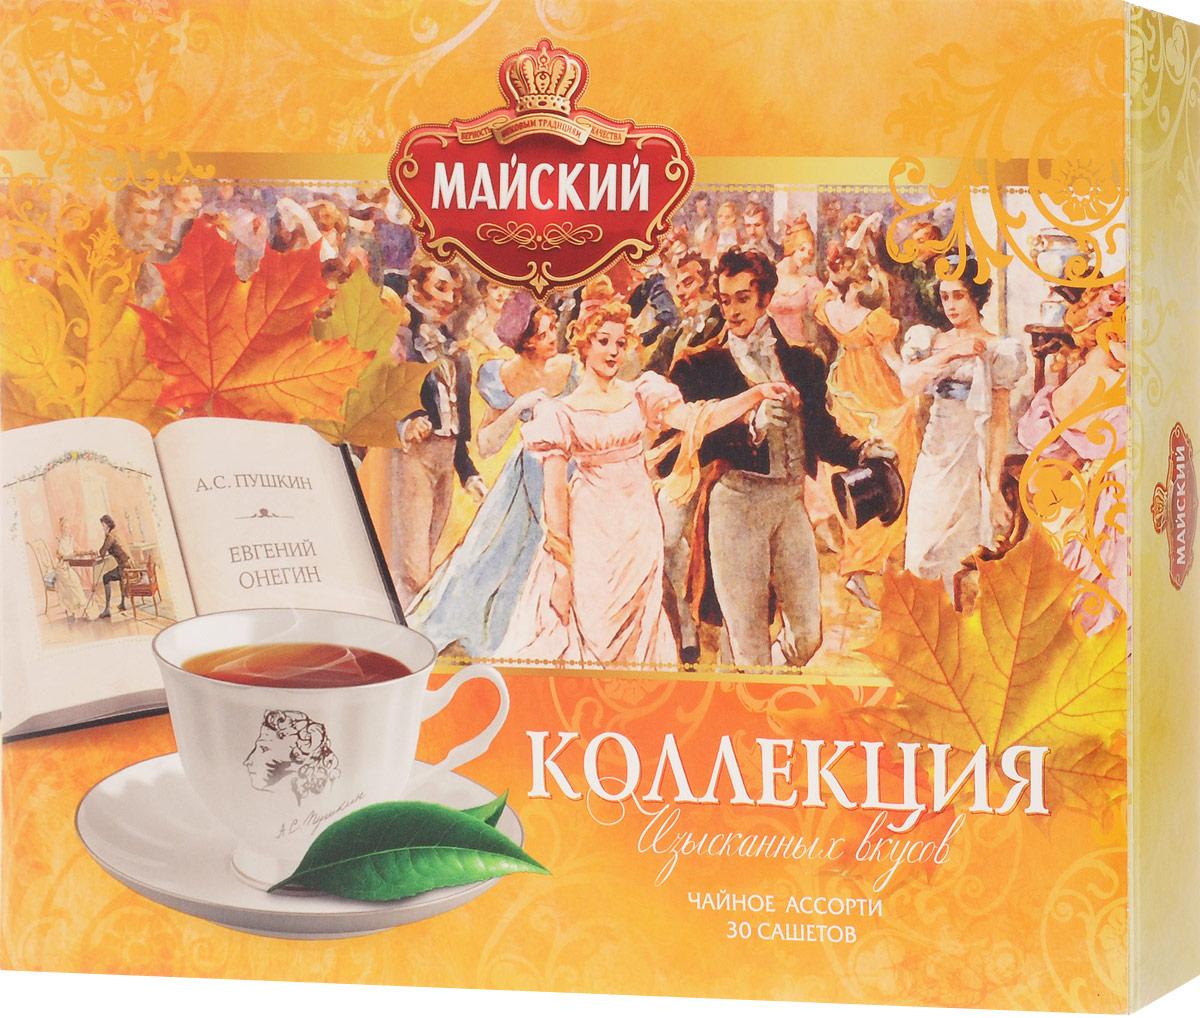 Майский Коллекция изысканных вкусов чай черный в пакетиках, 30 шт майский коллекция изысканных вкусов чайное ассорти черный чай в пакетиках 30 шт